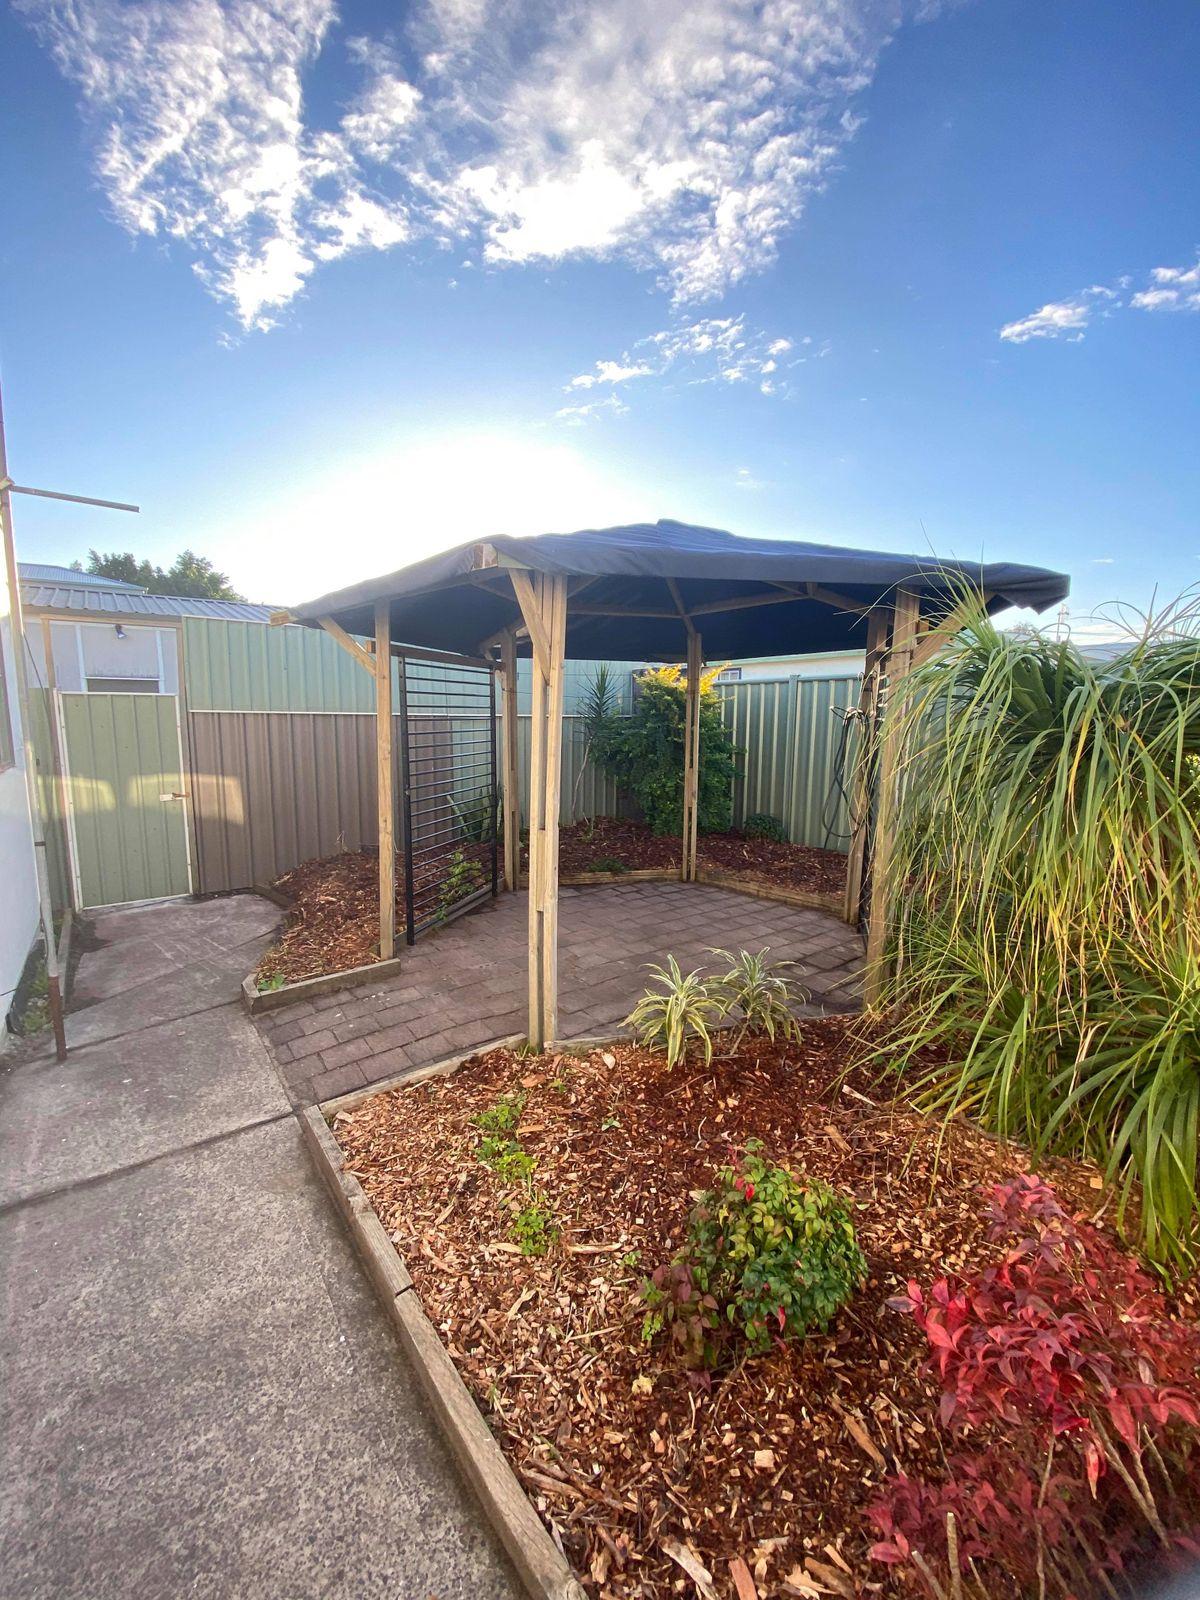 C/55 Barrenjoey Road, Ettalong Beach, NSW 2257